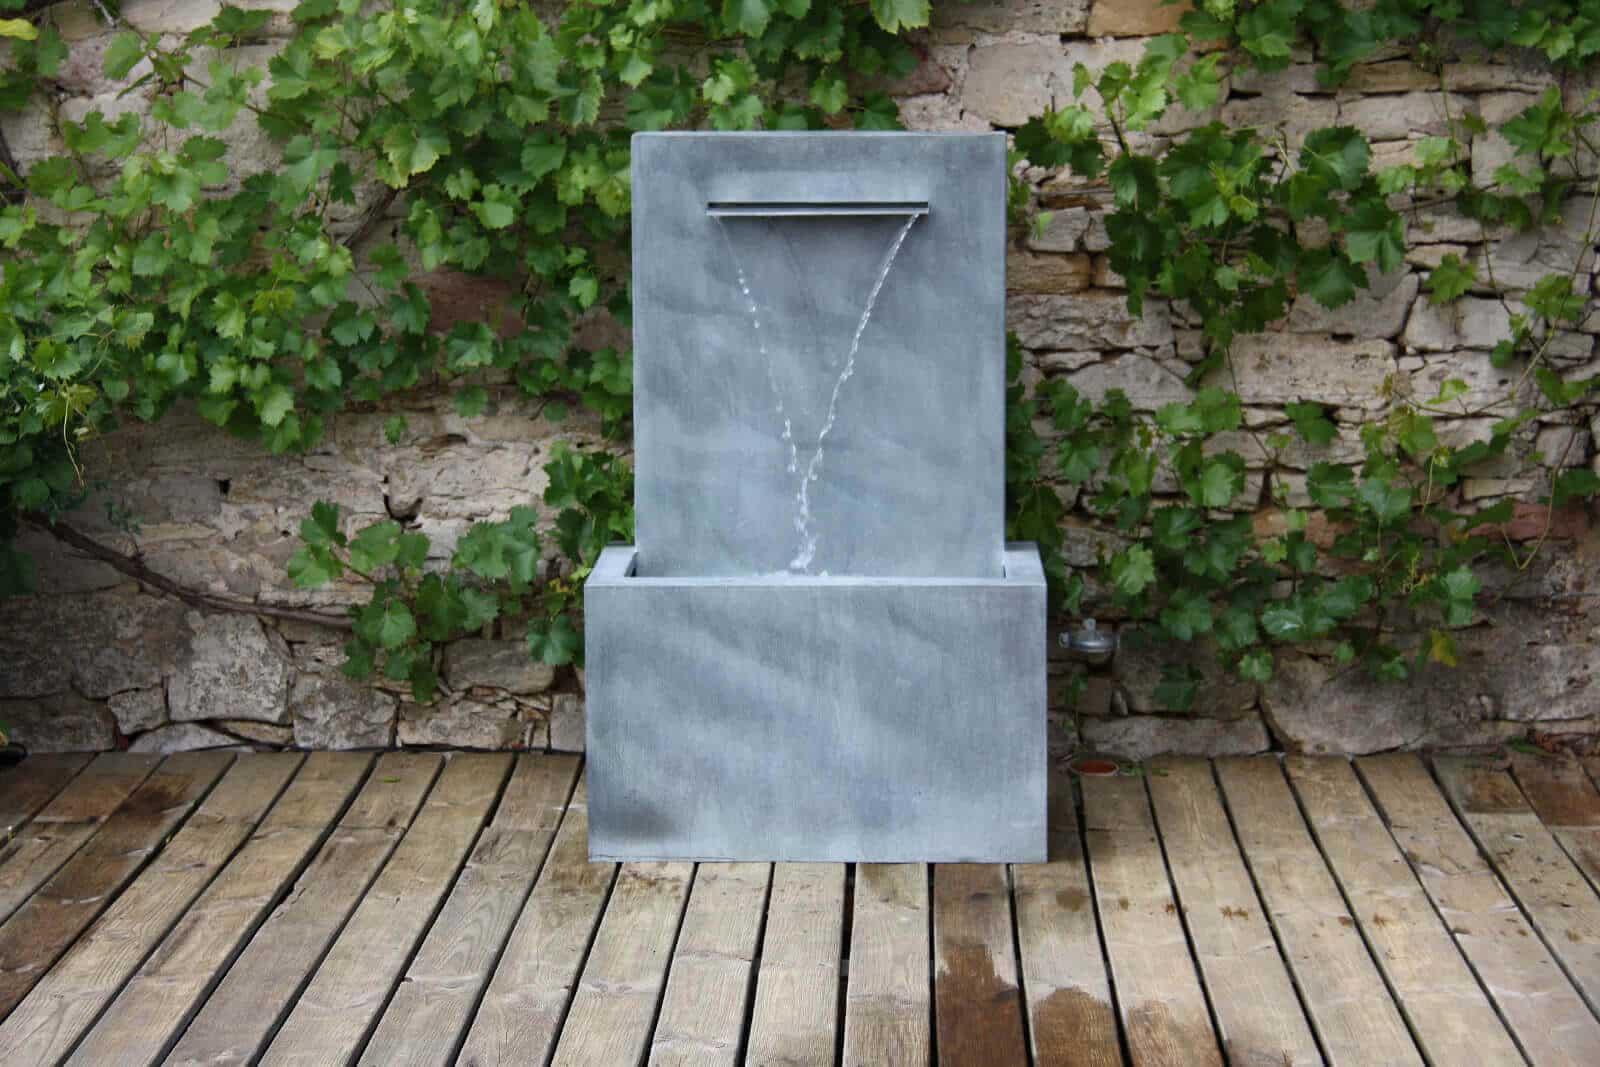 Moderne Zinkbrunnen für den Garten Tipps zum Aufbau & Brunnen im Test